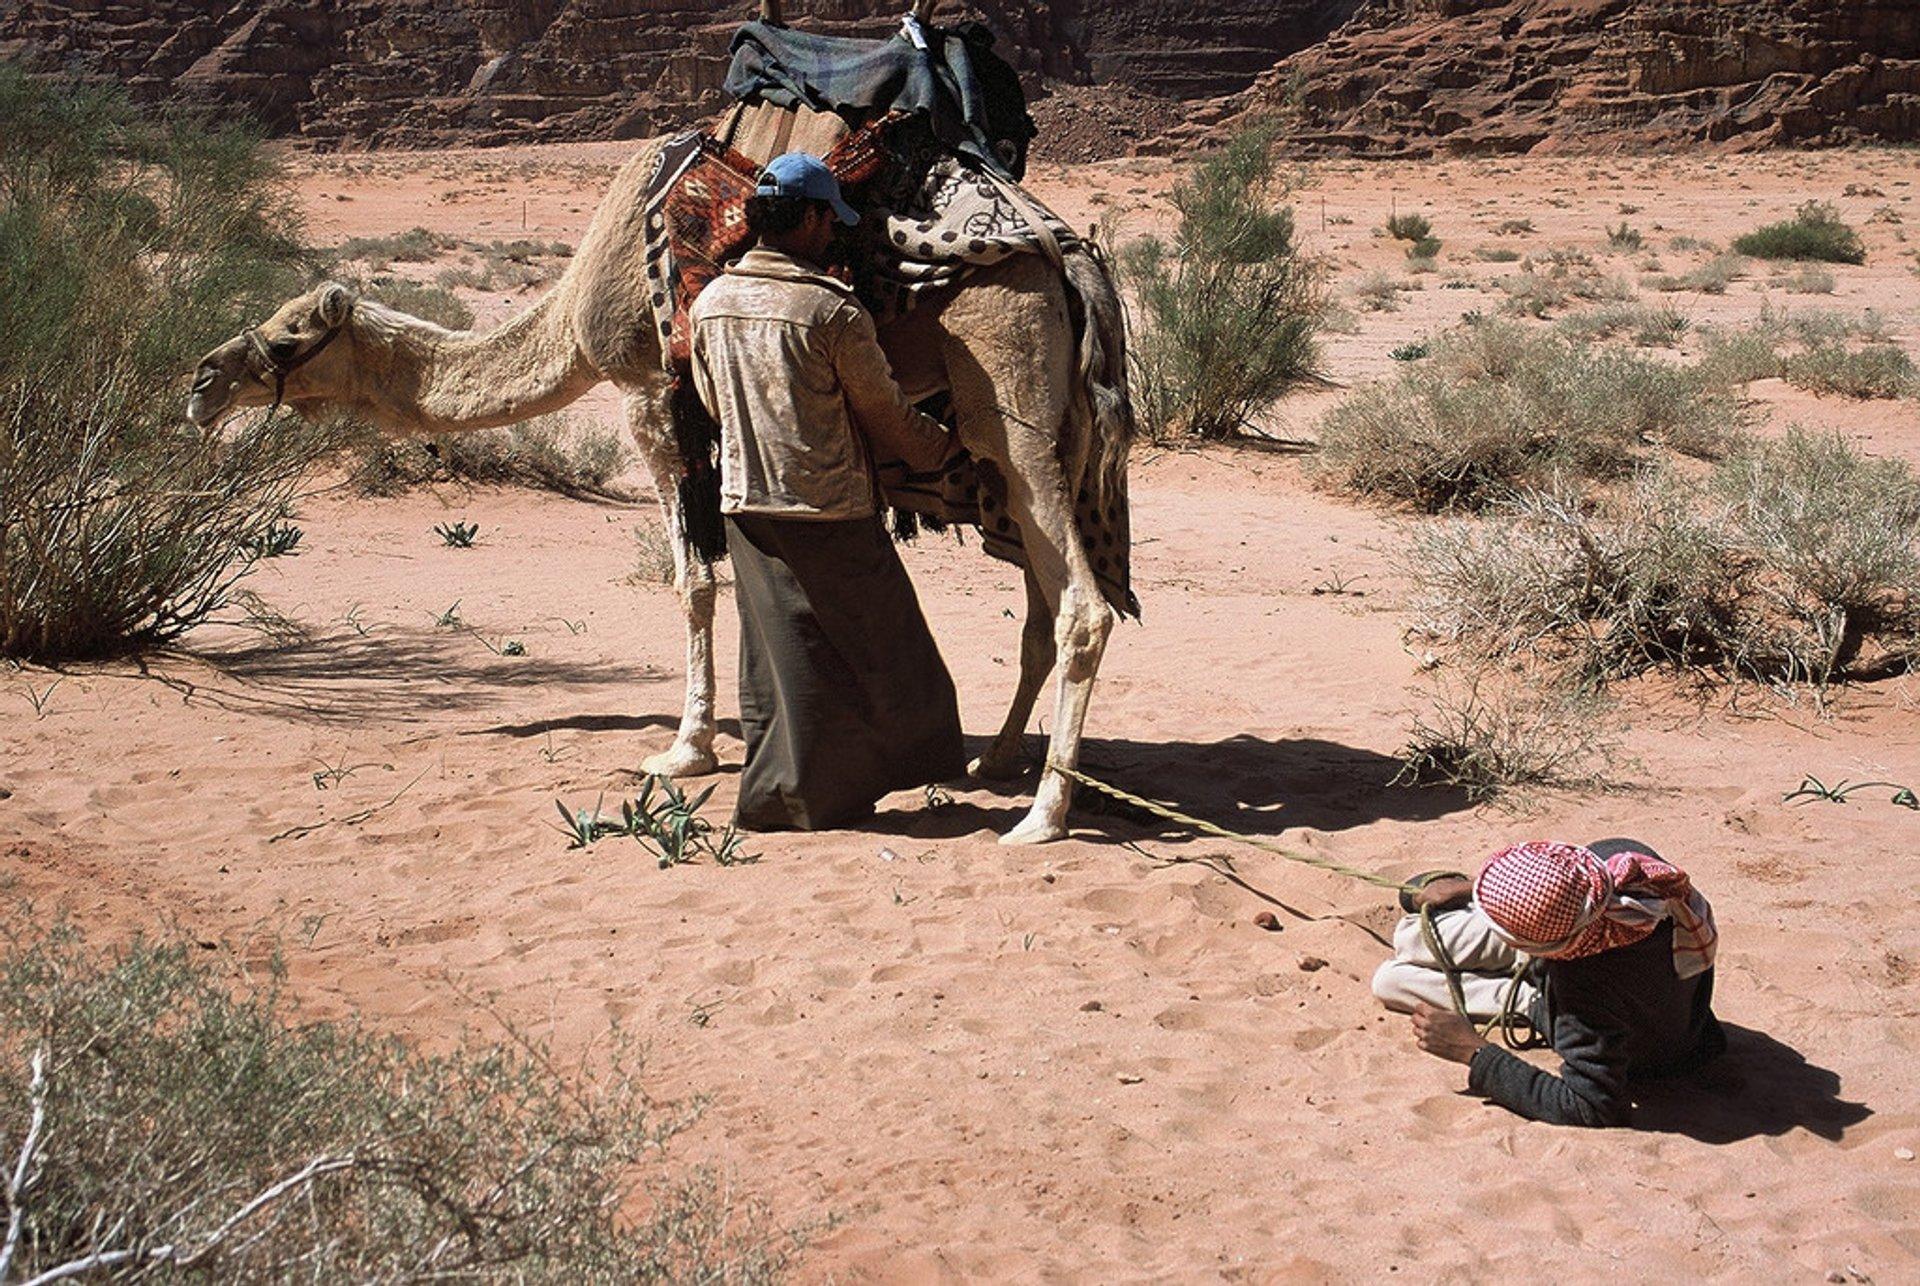 Camel Milk in Jordan - Best Season 2020